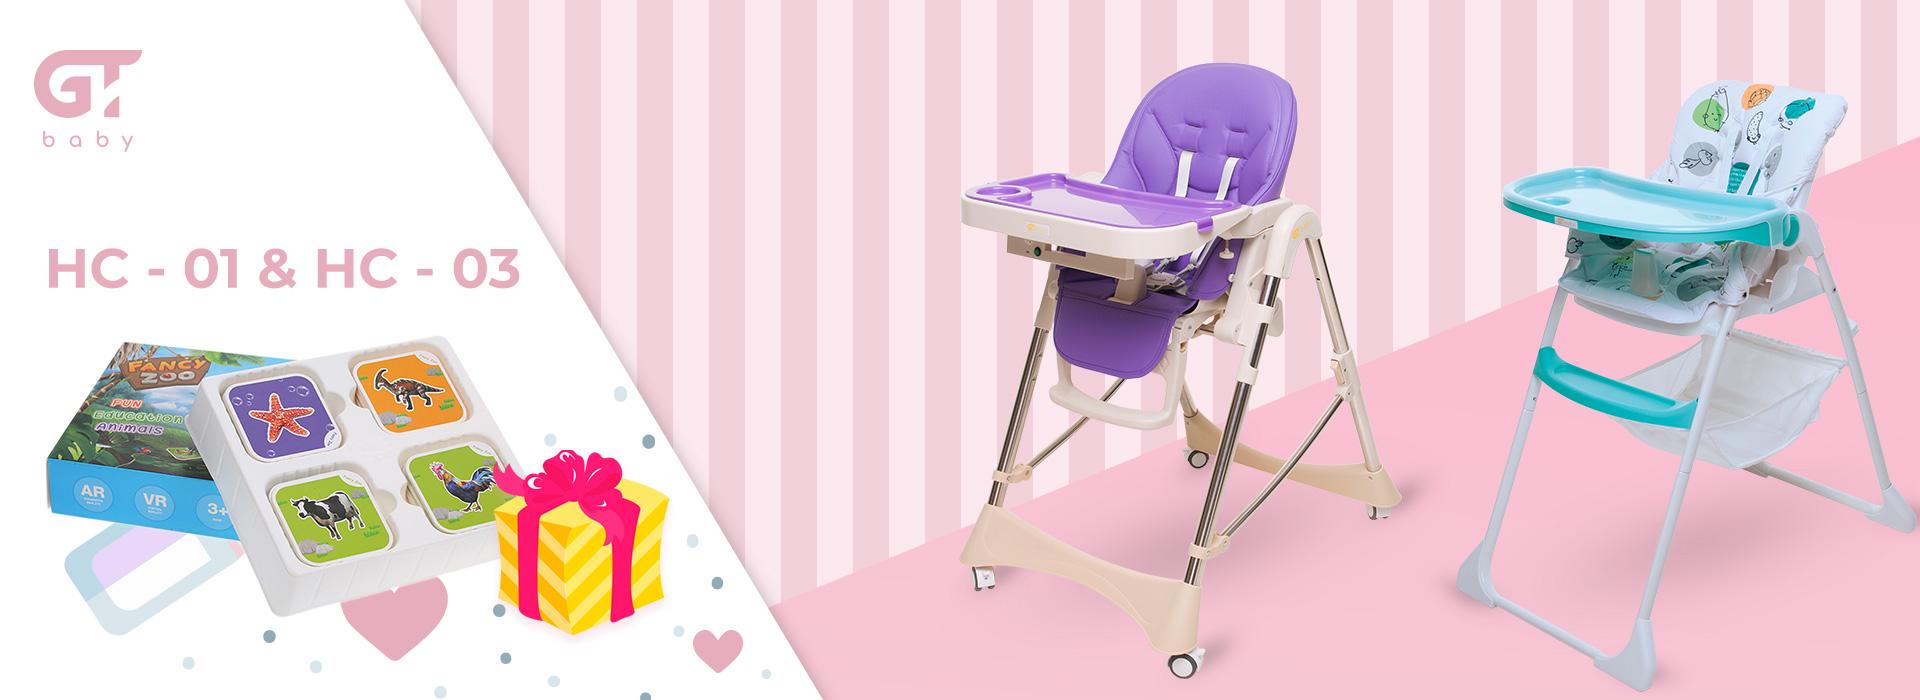 Акція! Гра Fancy Zoo в подарунок до стільчиків для годування GT Baby!